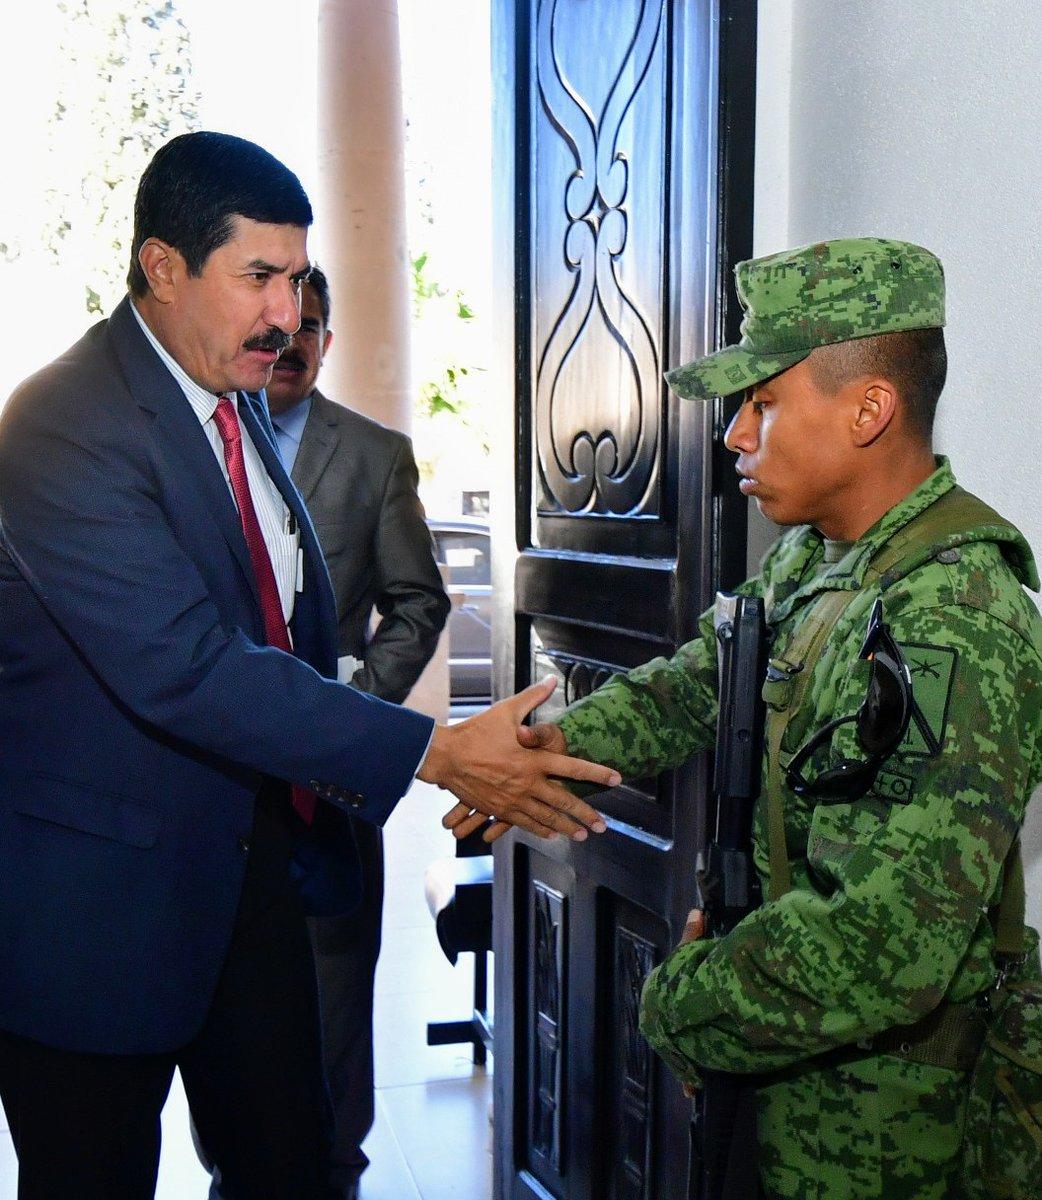 Javier Corral destaca compromiso de las Fuerzas Armadas con los derechos humanos